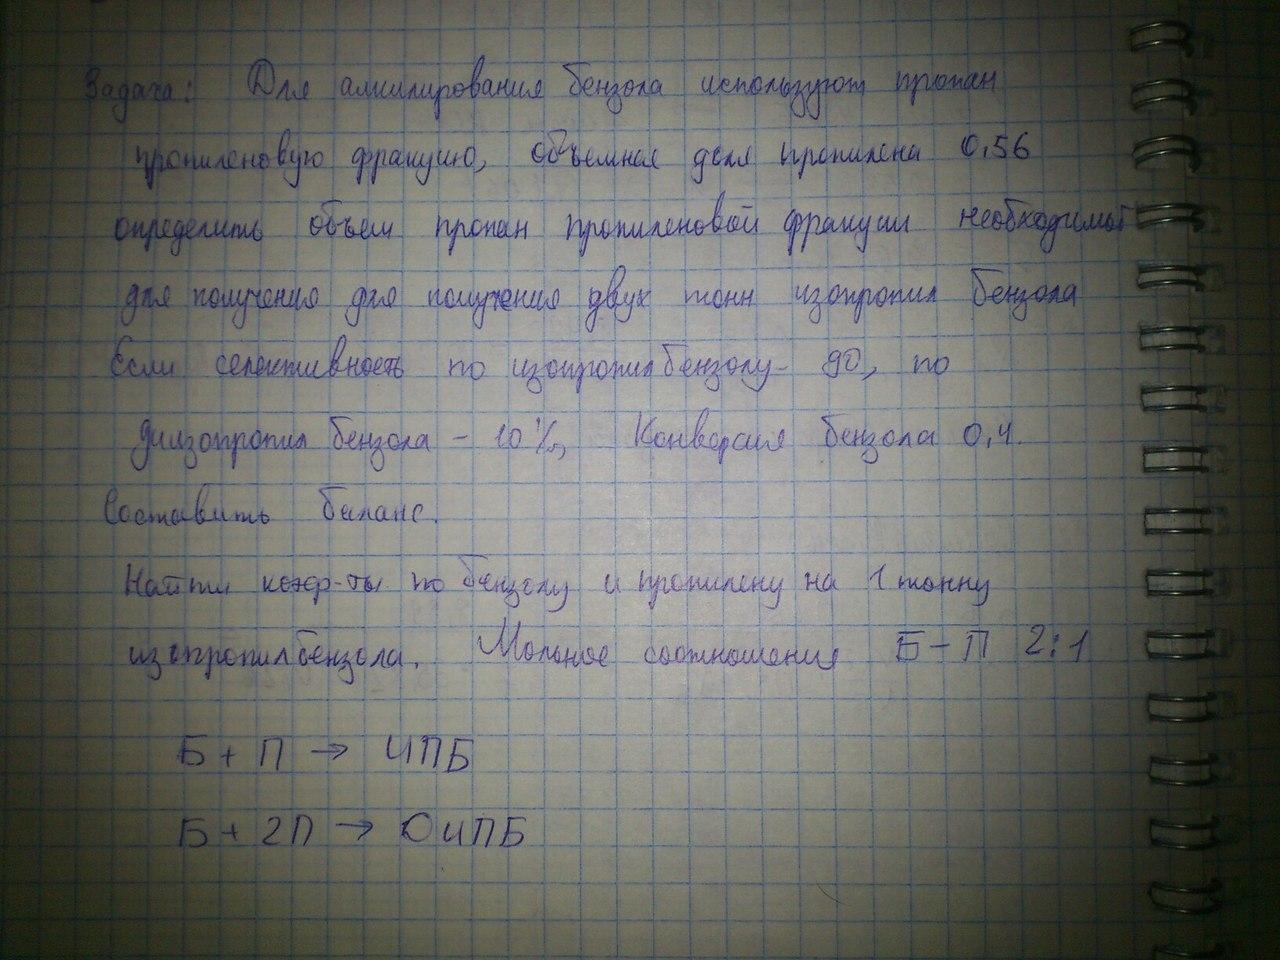 OjpKlb3KH7E.jpg